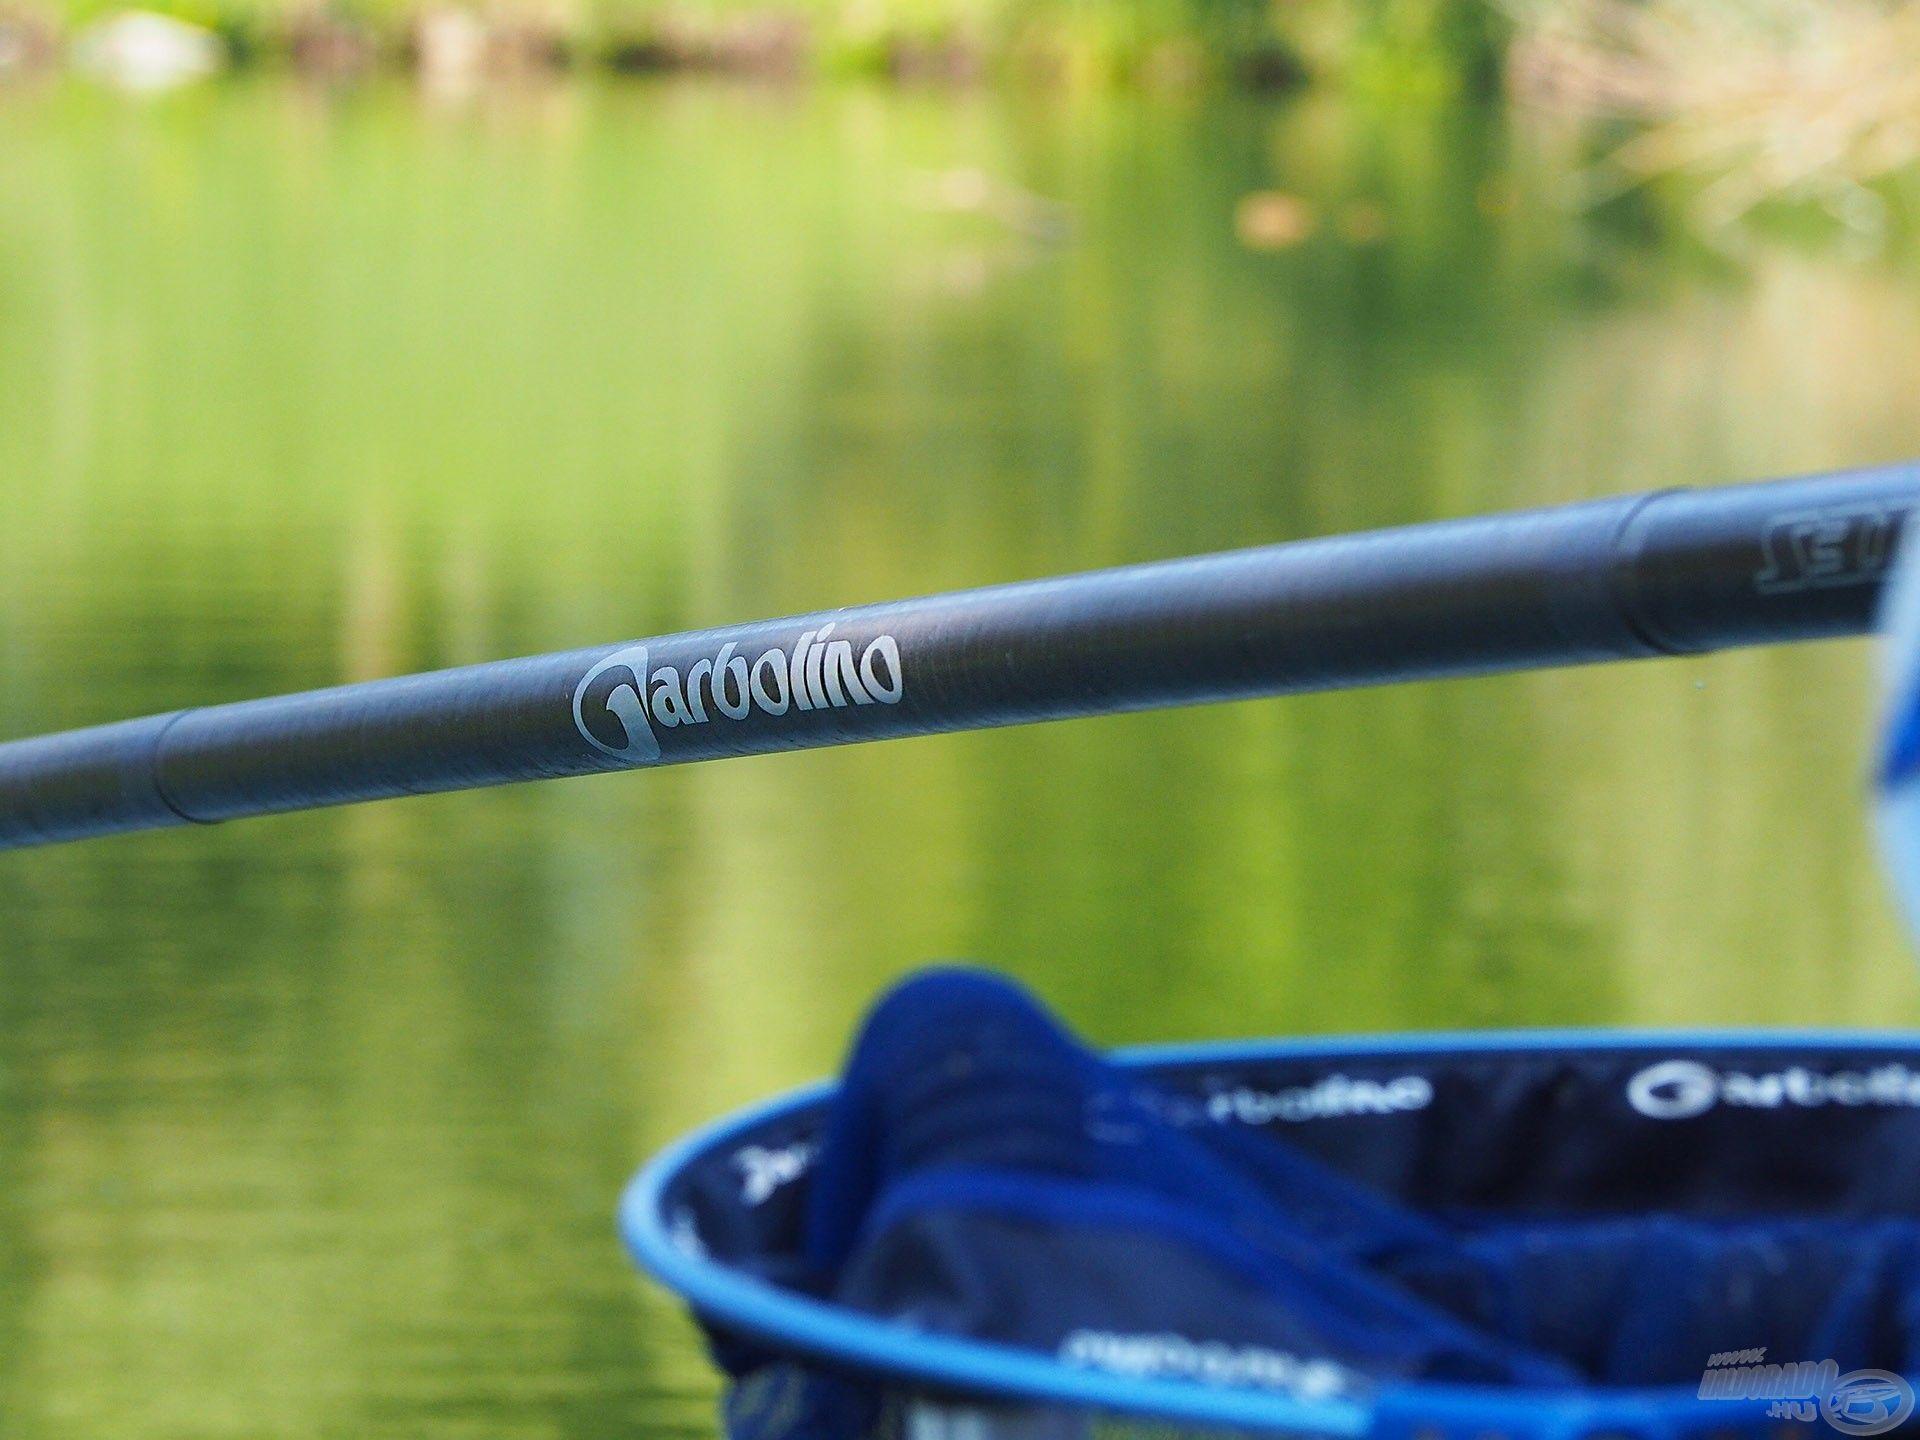 """A Garbolino kiváló termékei elsősorban a versenyhorgászat különleges igényeit és szigorú kritériumait teljesítik, ám az """"átlagos"""", finomszerelékes stílusokat gyakorló horgászok is rengeteg hasznos újdonsággal találkozhatnak majd"""